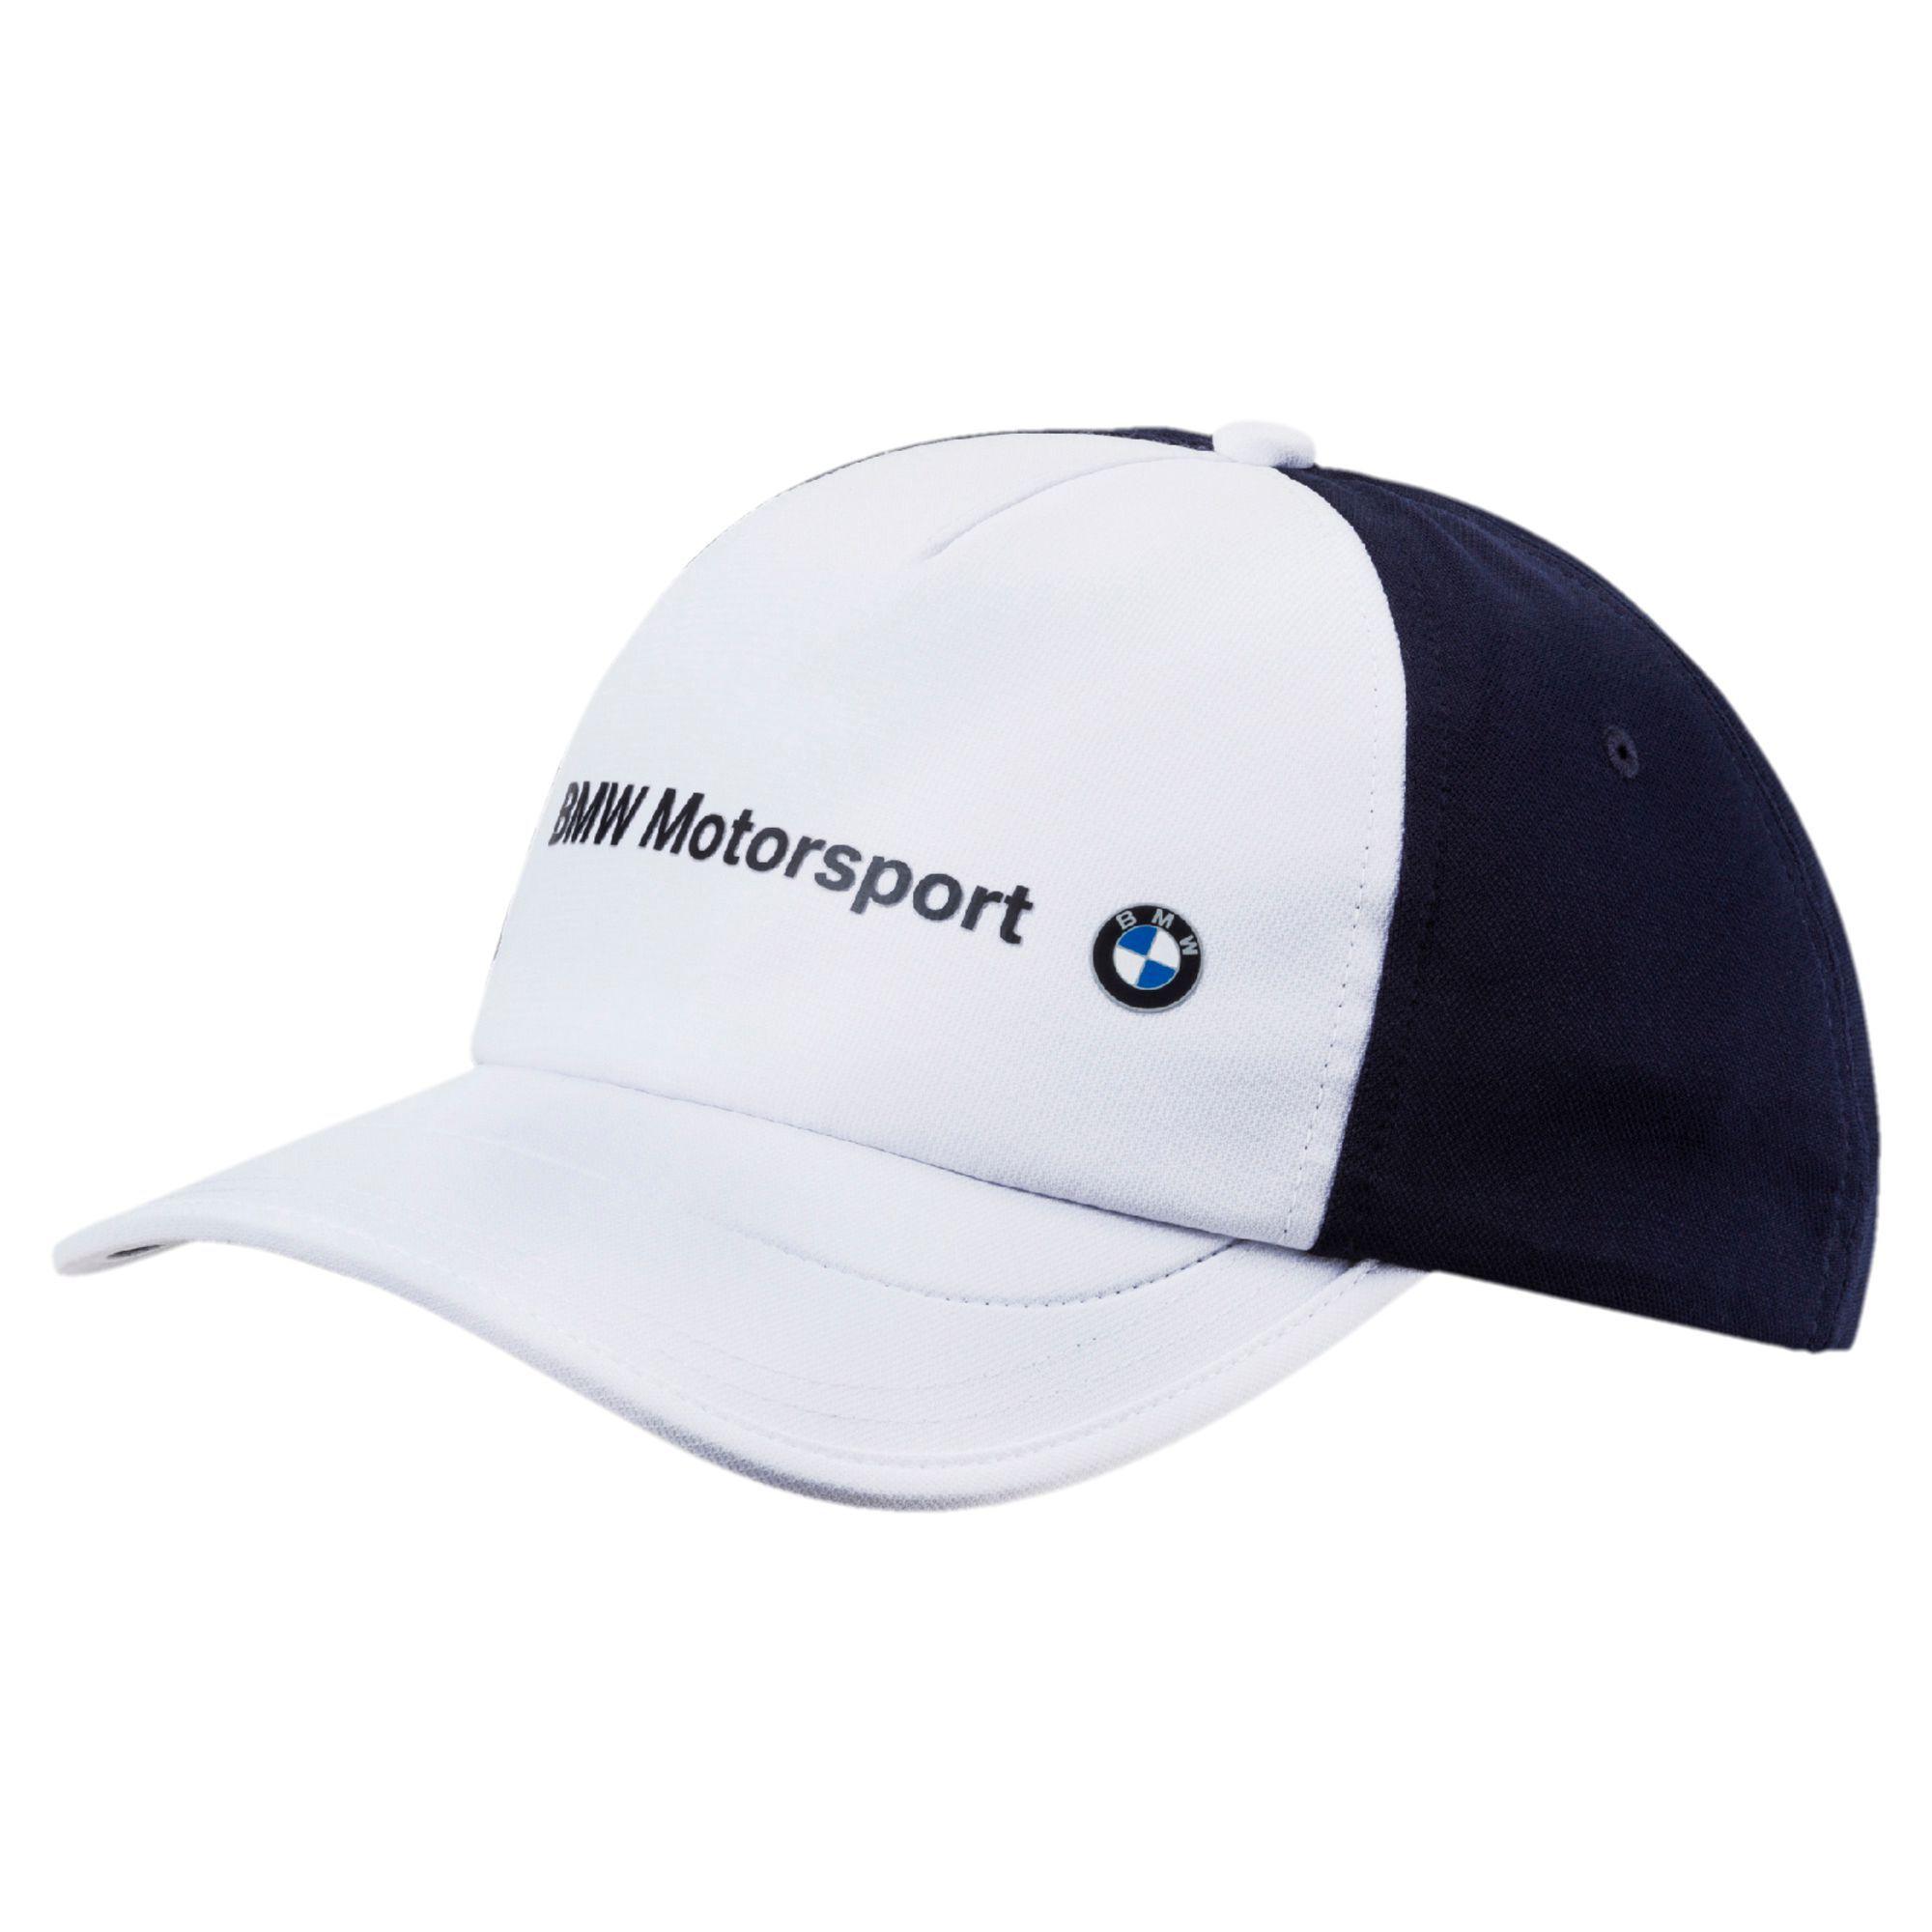 9a40c00972 Boné BMW Motorsport BB - Nova Suzuki - Motos - Peças e Acessórios ...